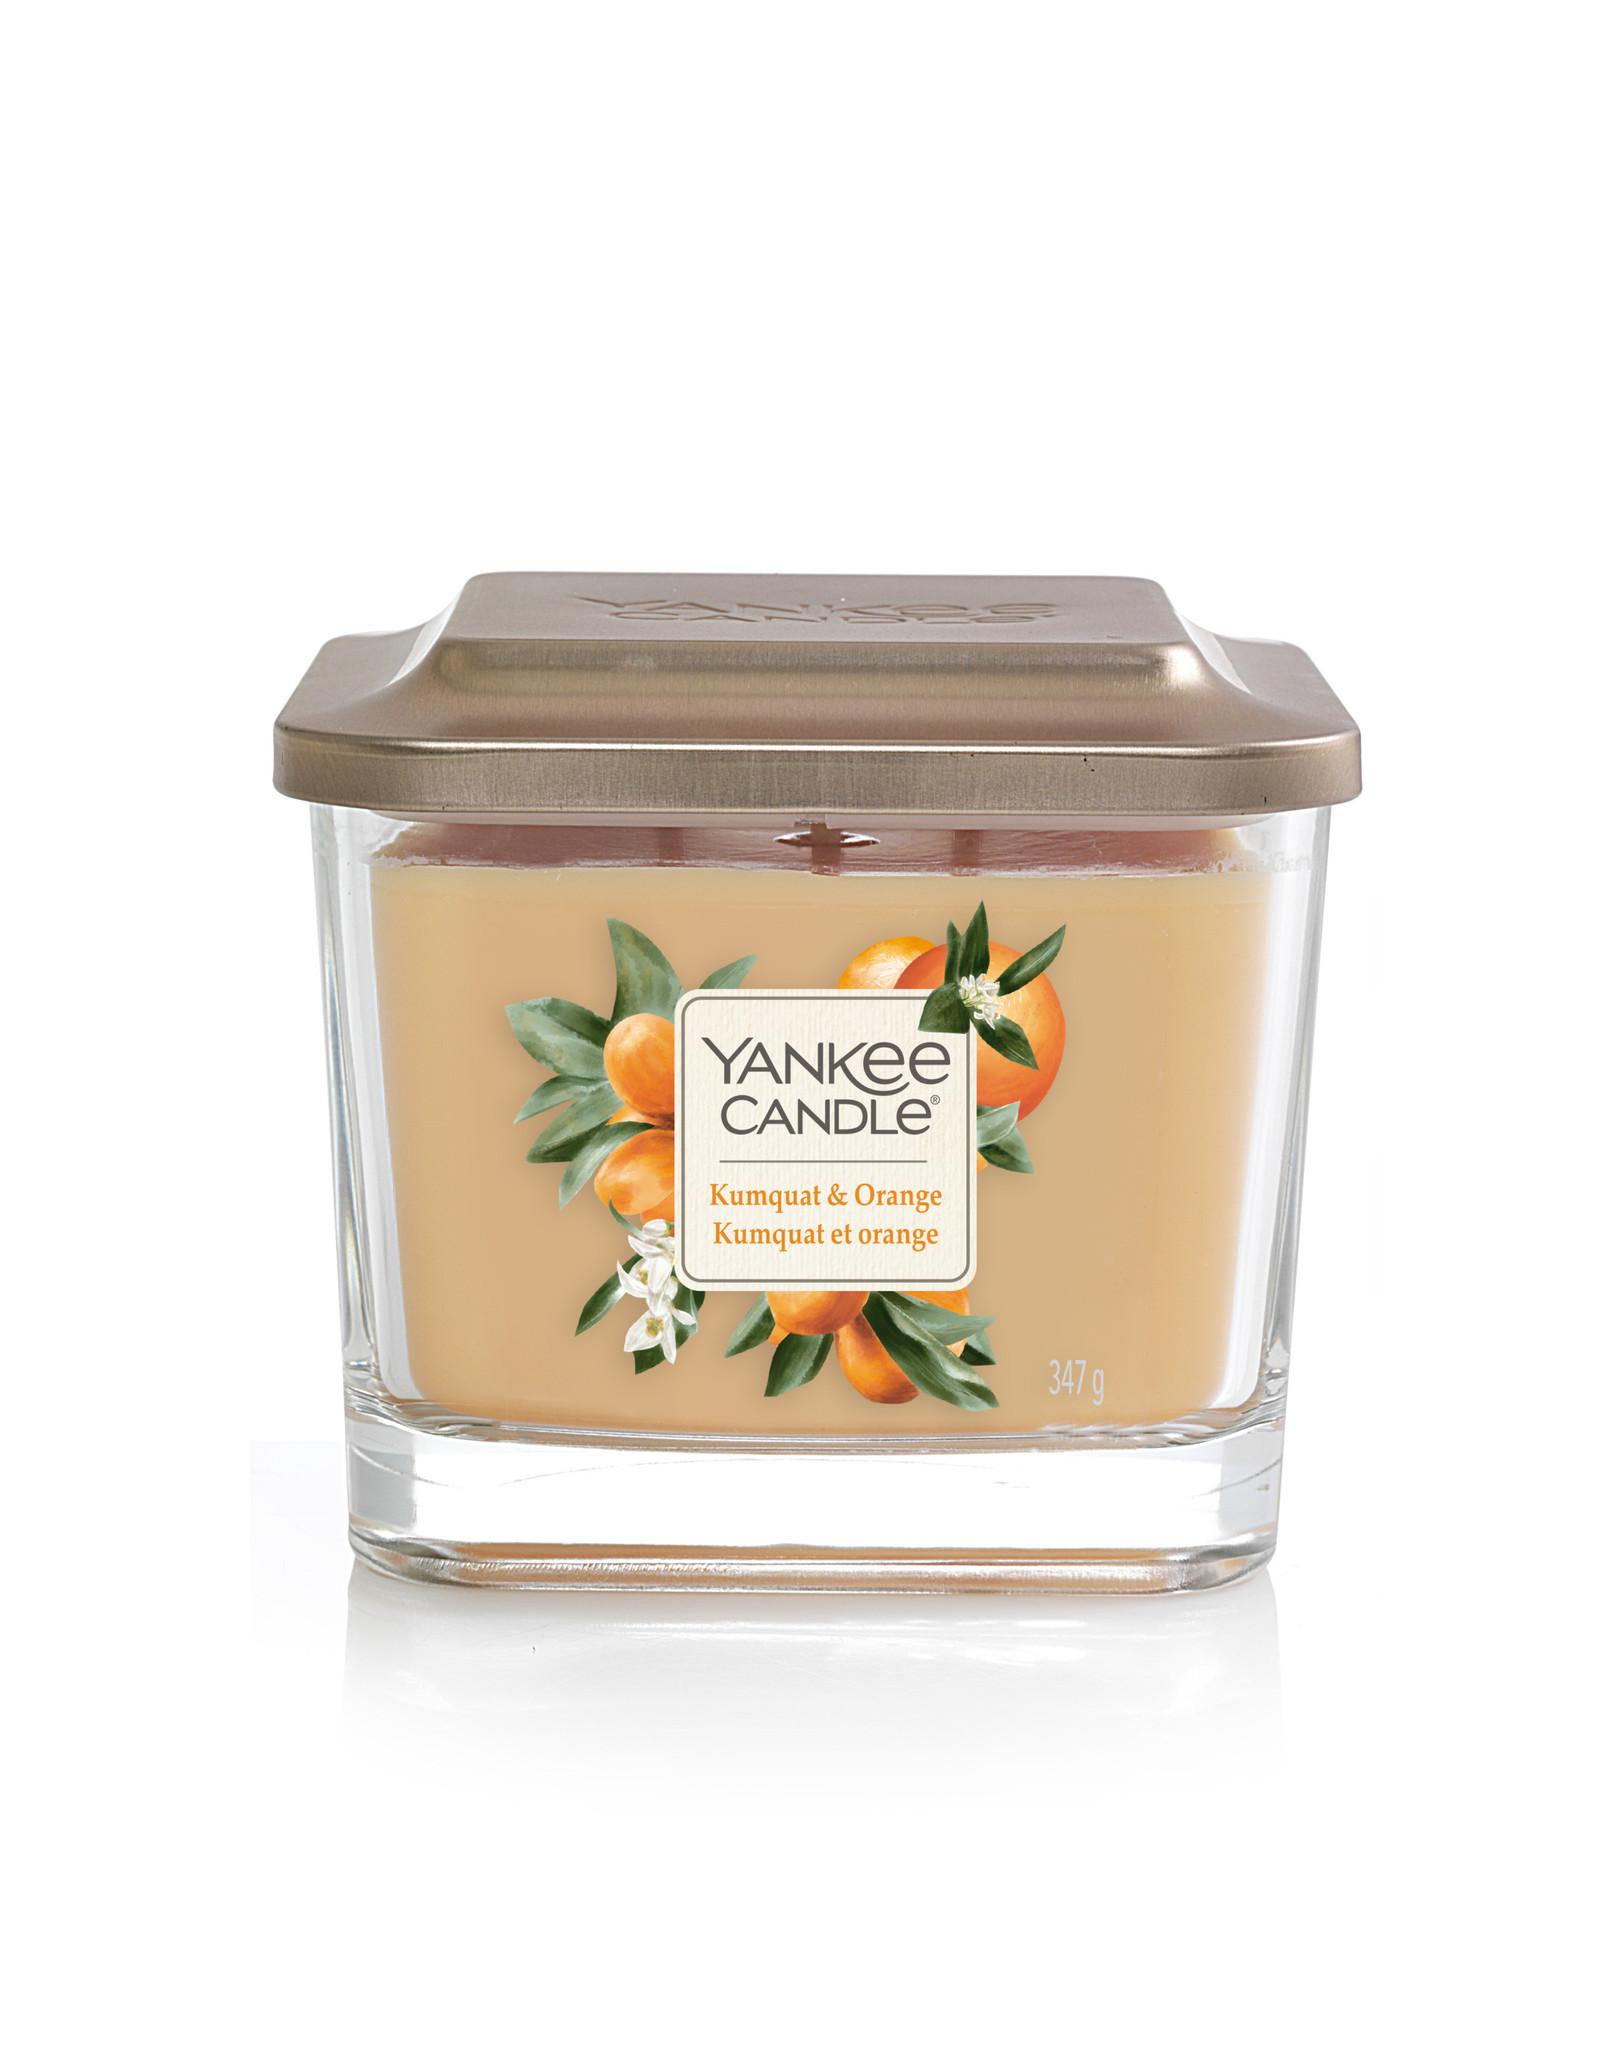 Yankee Candle Kumquat & Orange - Medium Vessel